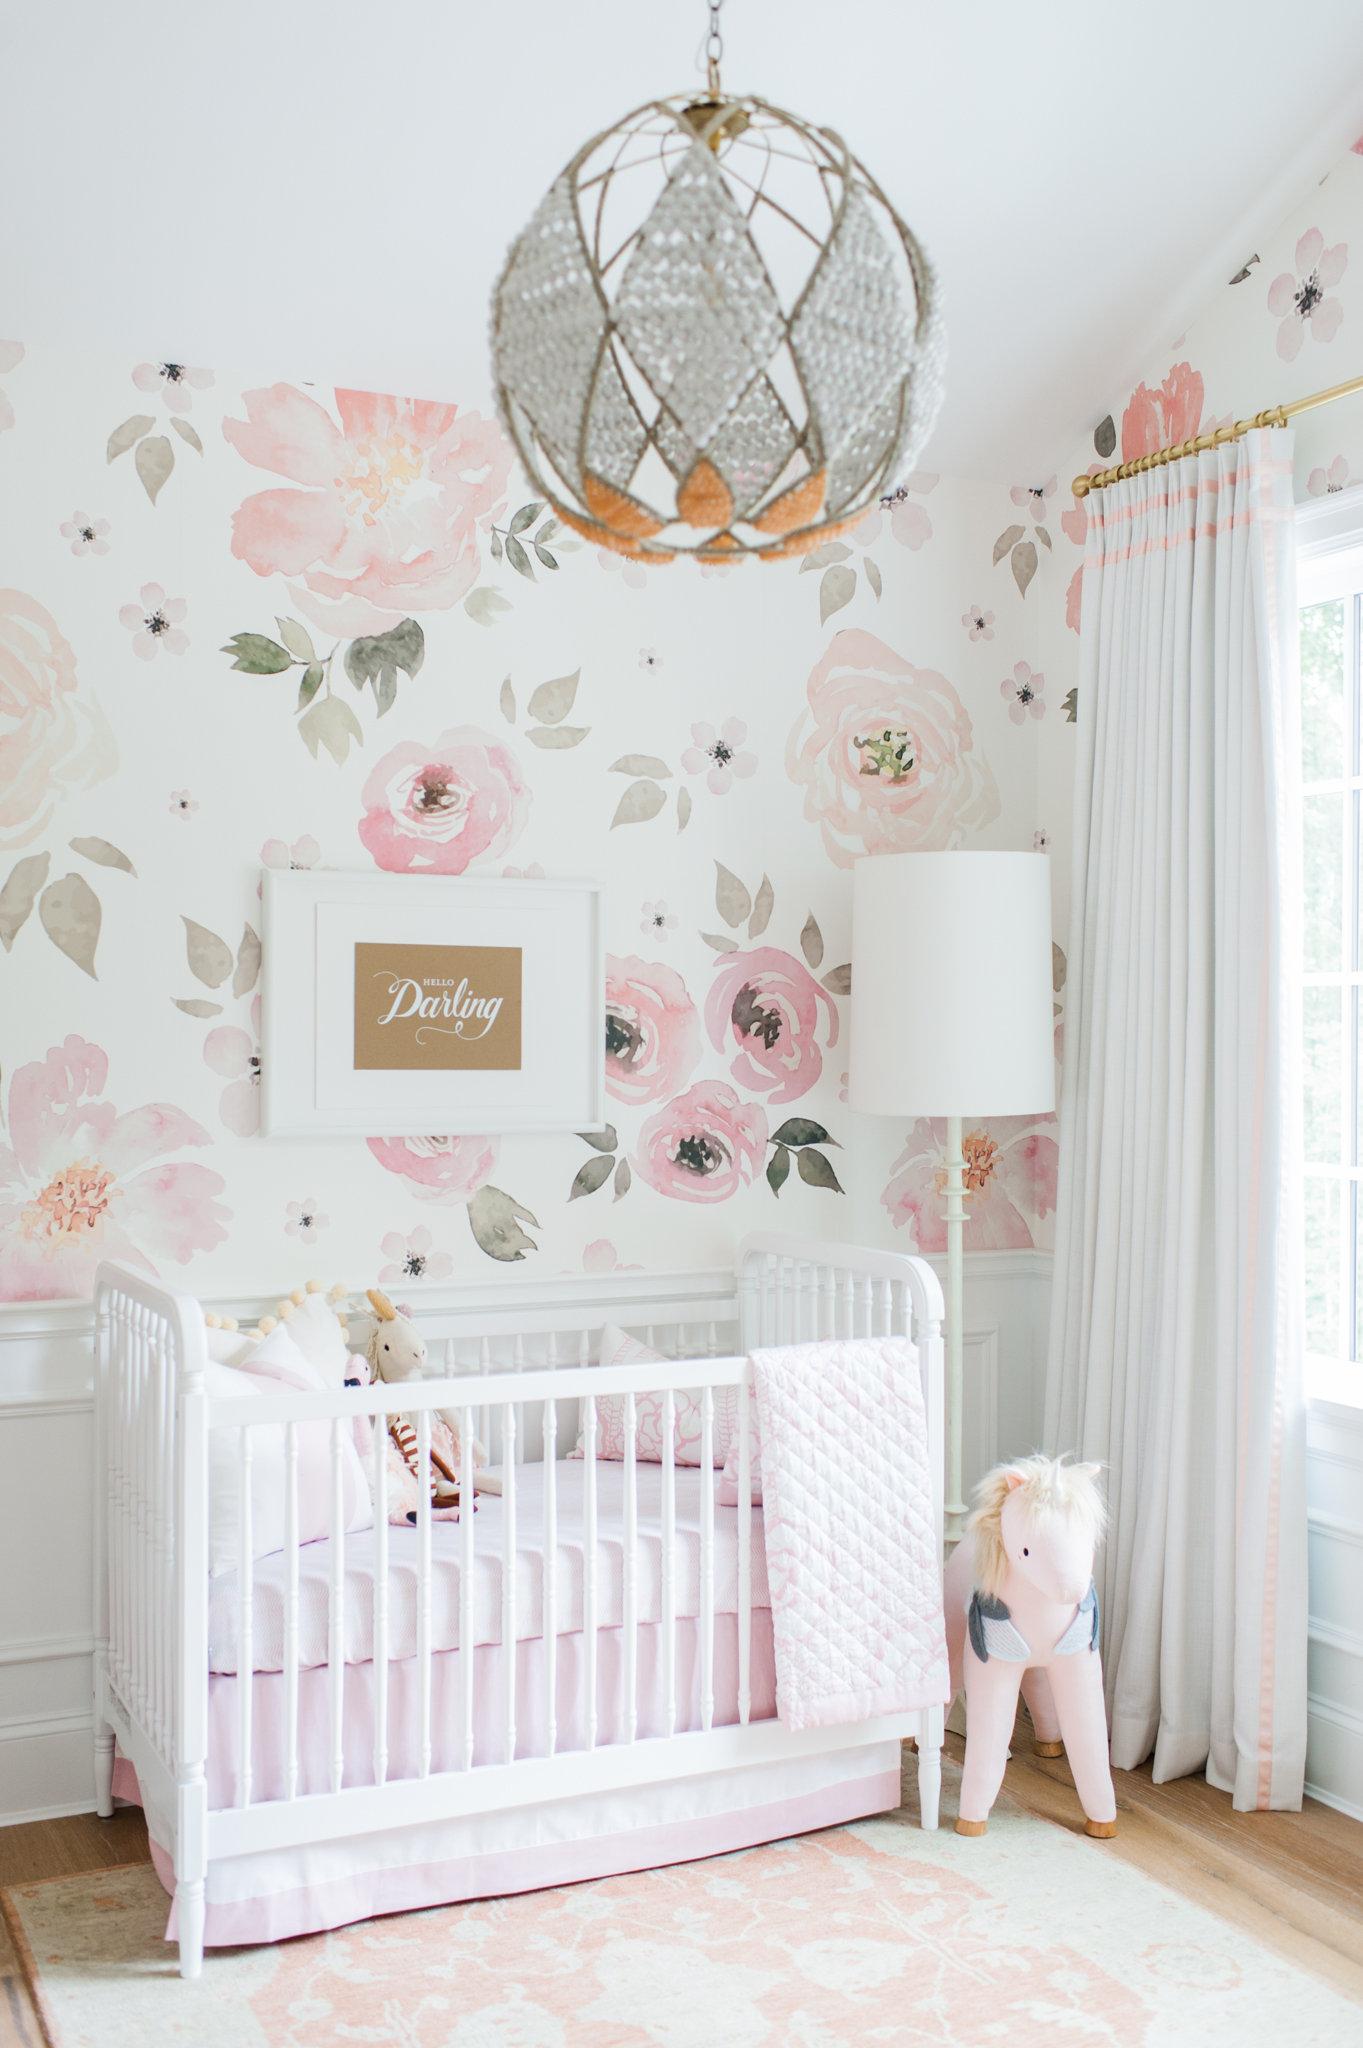 Quarto de bebê rosa e branco: num clima mais tranquilo, aposte nos detalhes que trazem mais personalidade para o quarto, como este papel de parede florido em aquarela